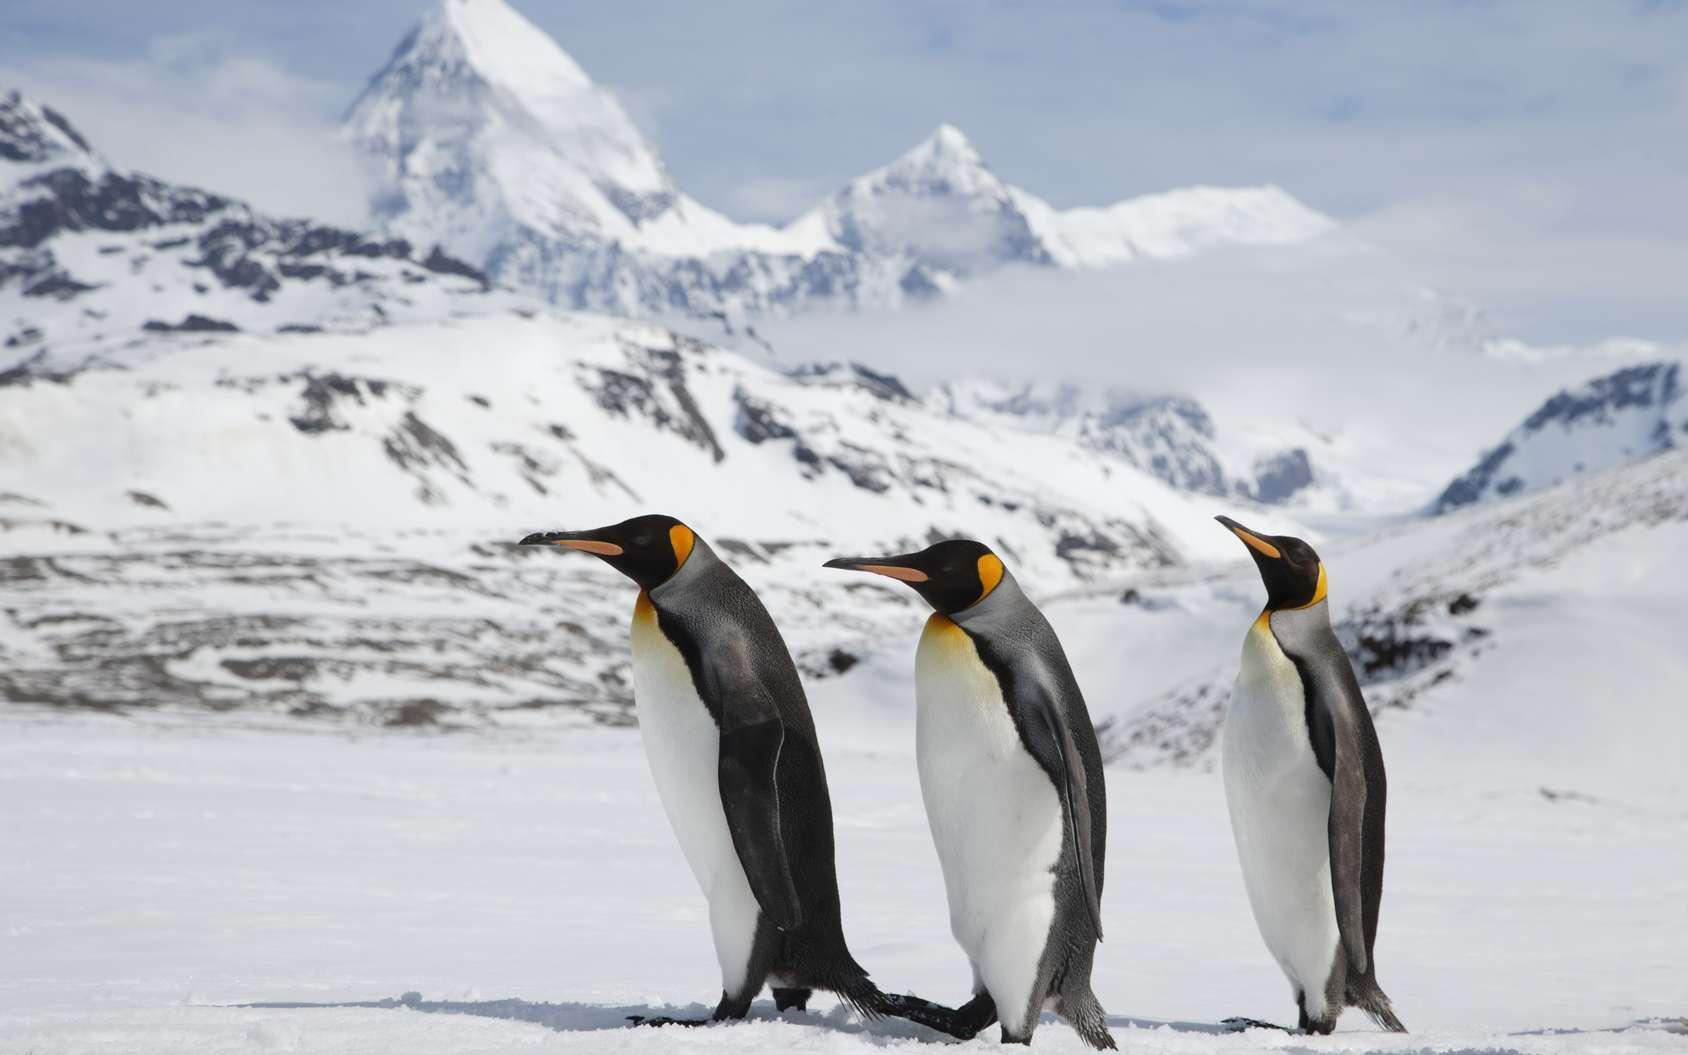 Le manchot empereur (Aptenodytes forsteri) est endémique à l'Antarctique. C'est de loin l'espèce de manchots la plus grande et la plus grosse. Un individu peut peser jusqu'à 40 kg, mais même s'il tombe de tout son poids, il se relève souvent sans blessure. © willtu, Fotolia